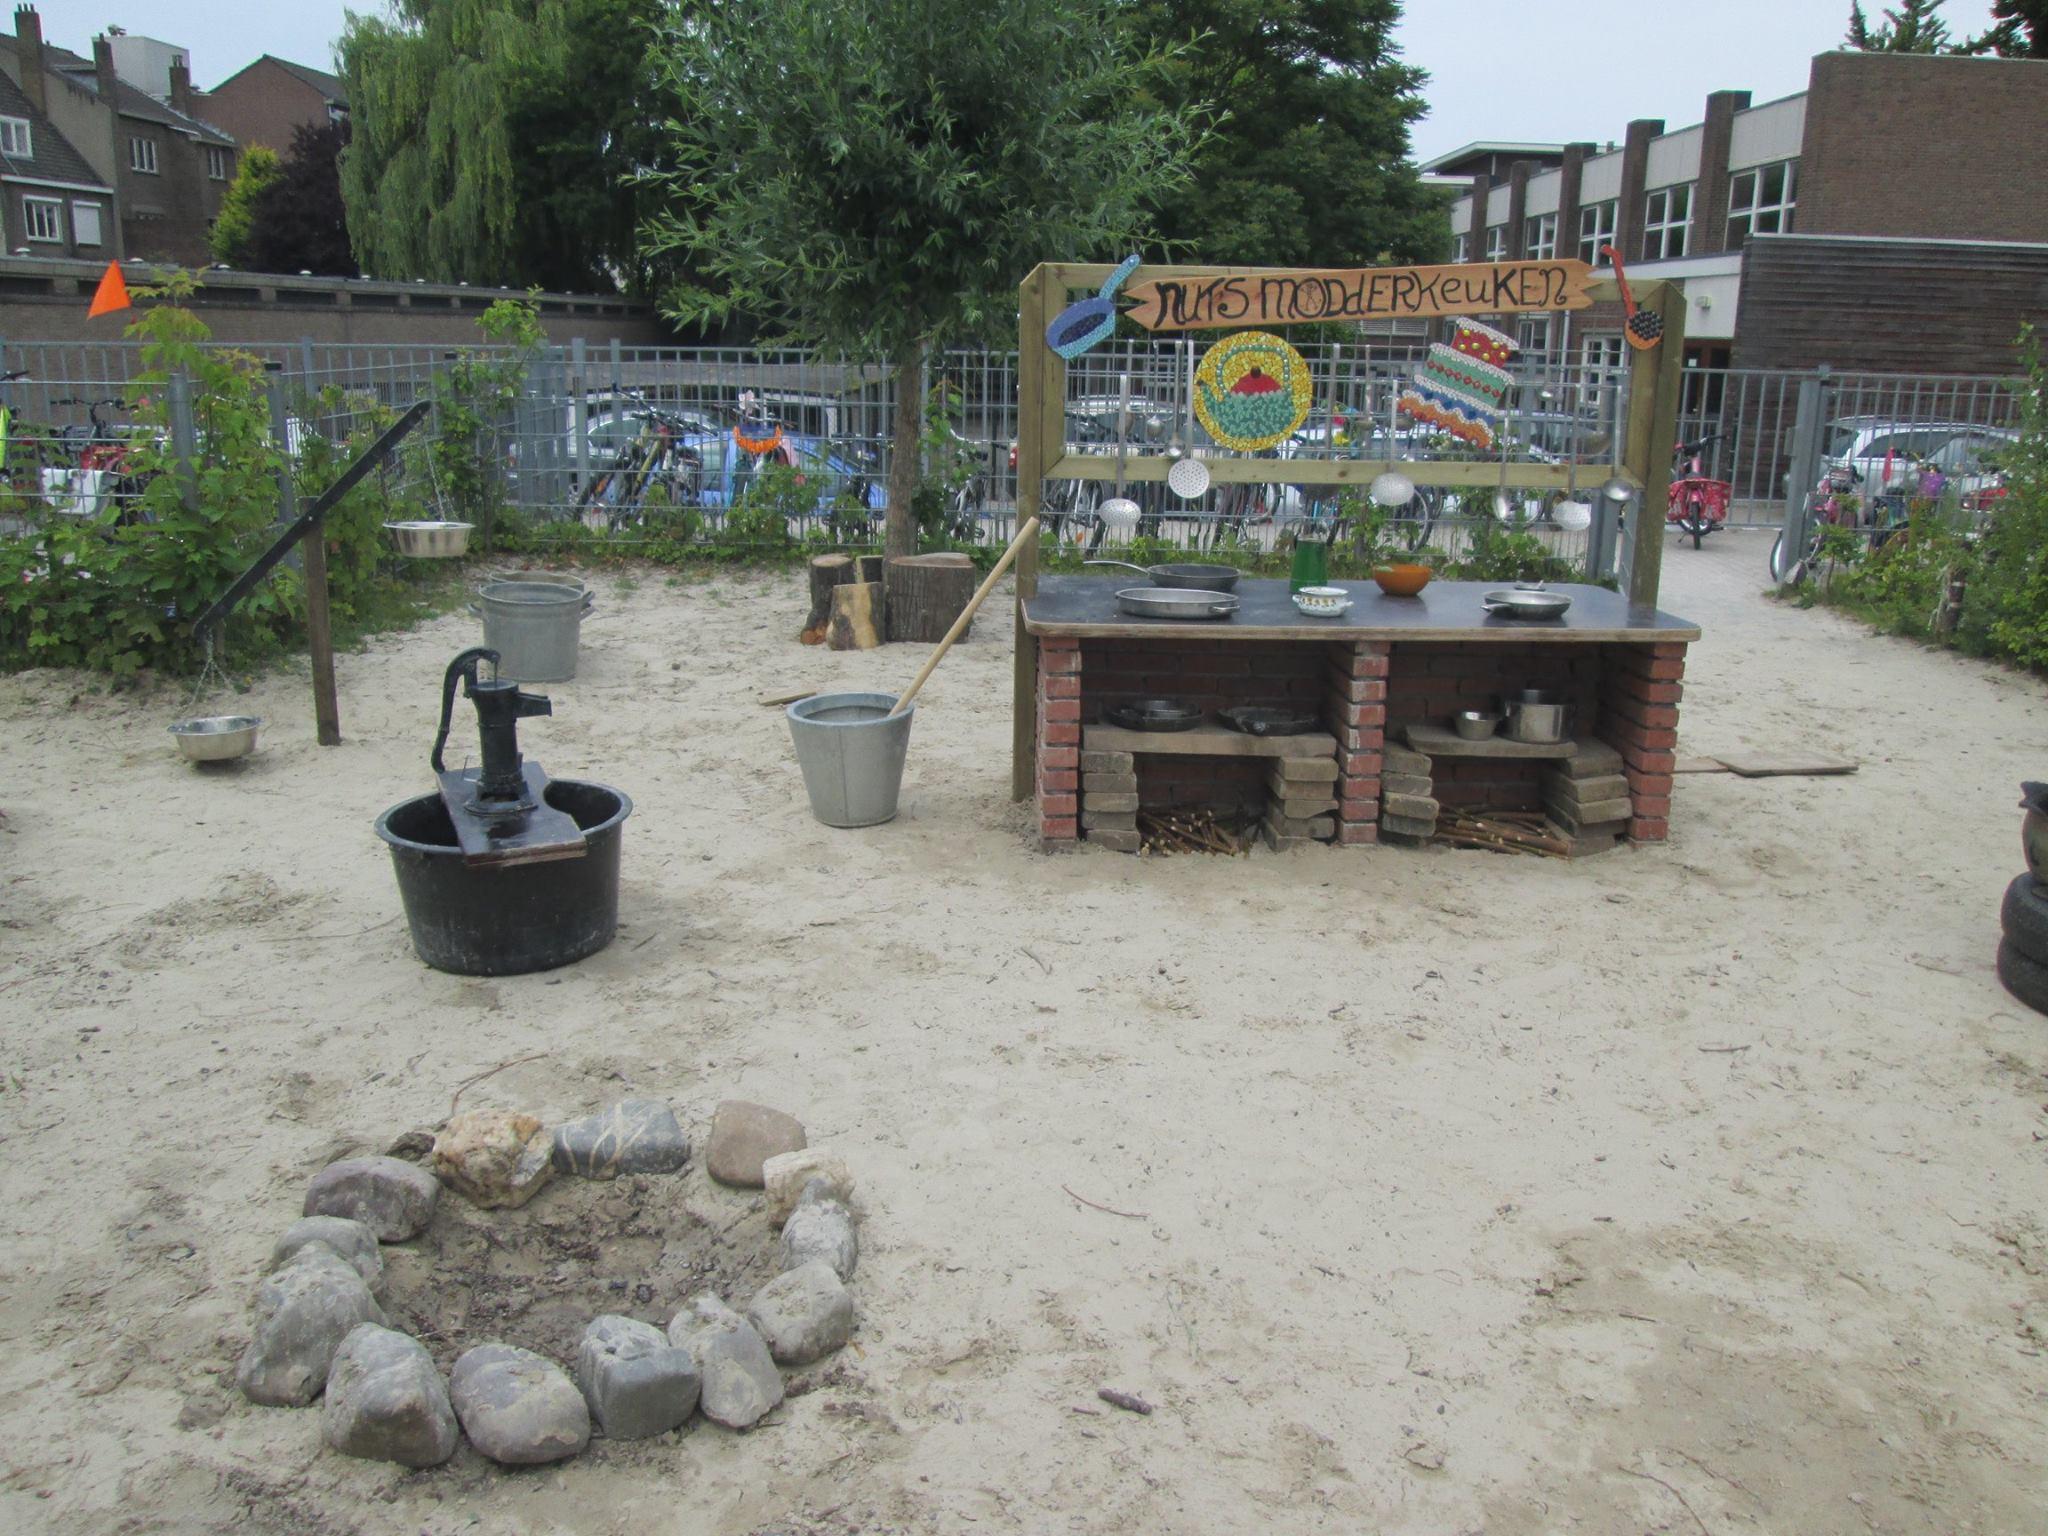 De modderkeuken met waterpomp en balansweegschaal